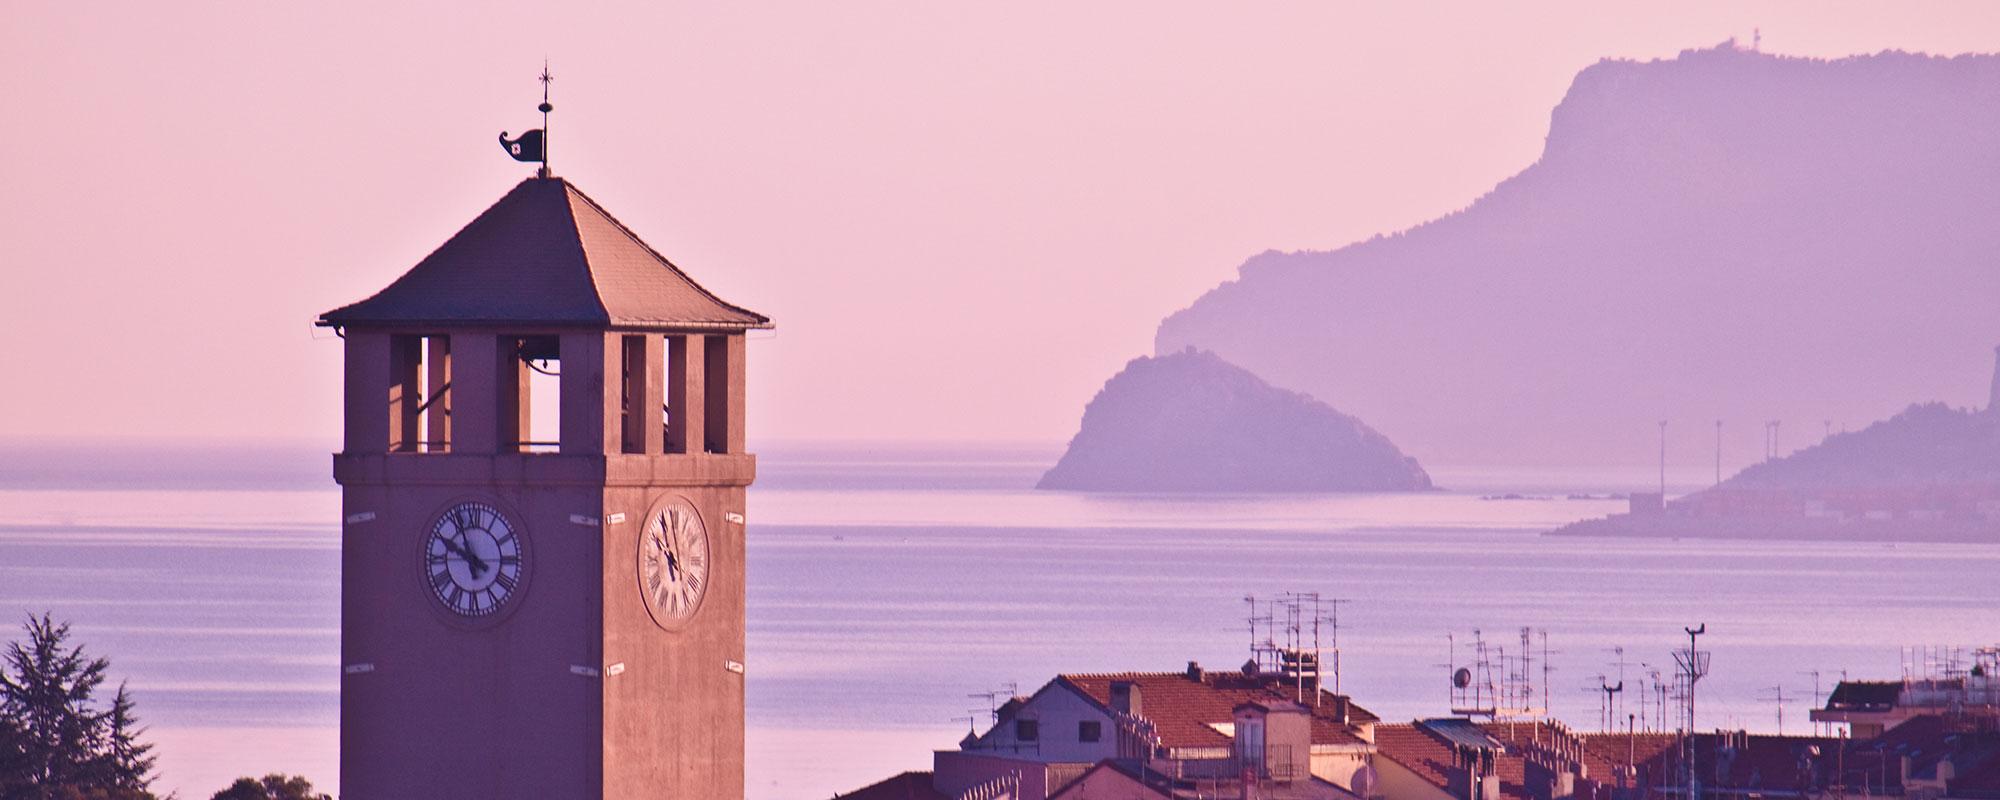 Complesso monumentale del Brandale di Savona